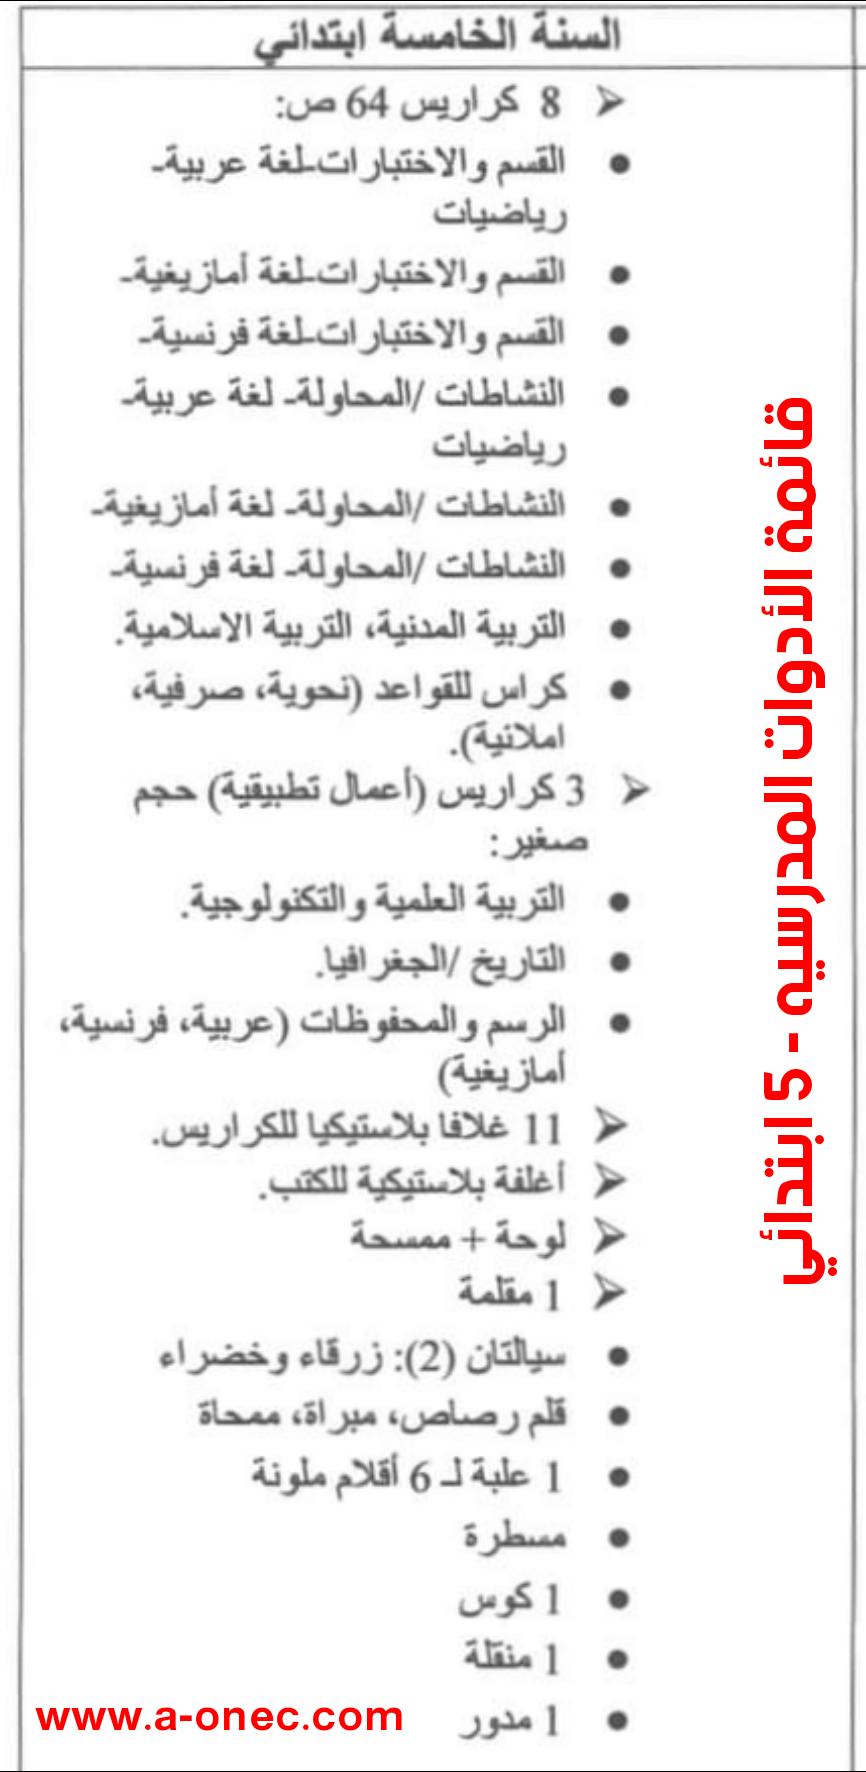 قائمة الادوات المدرسية الرسمية للسنة الخامسة ابتدائي